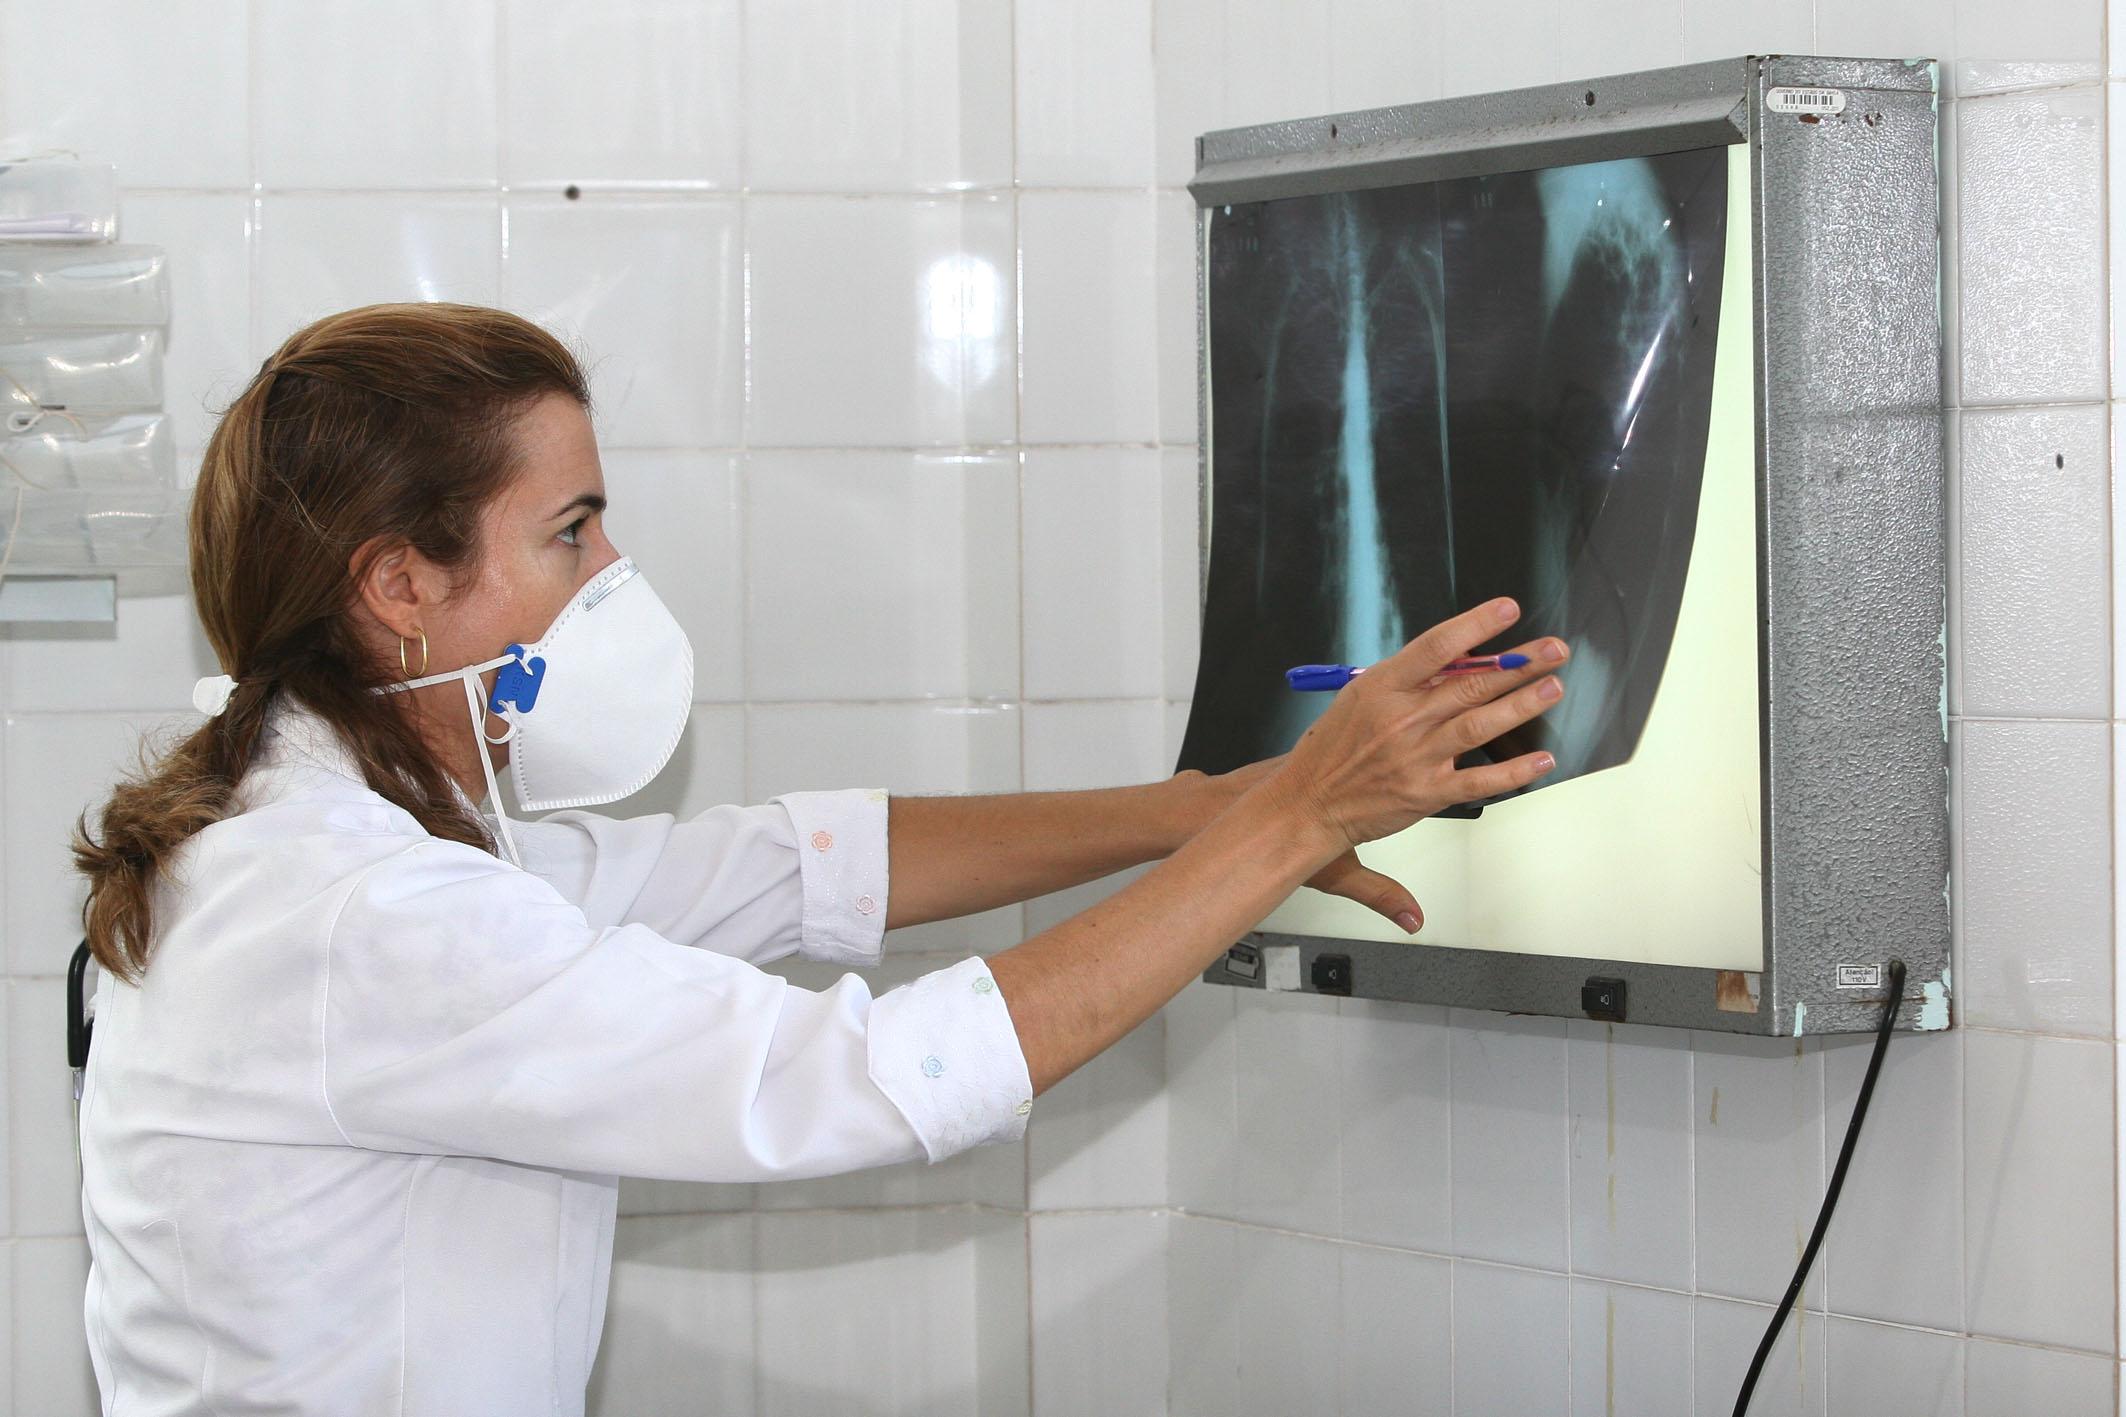 Tuberculose volta a crescer no Brasil e exige atenção